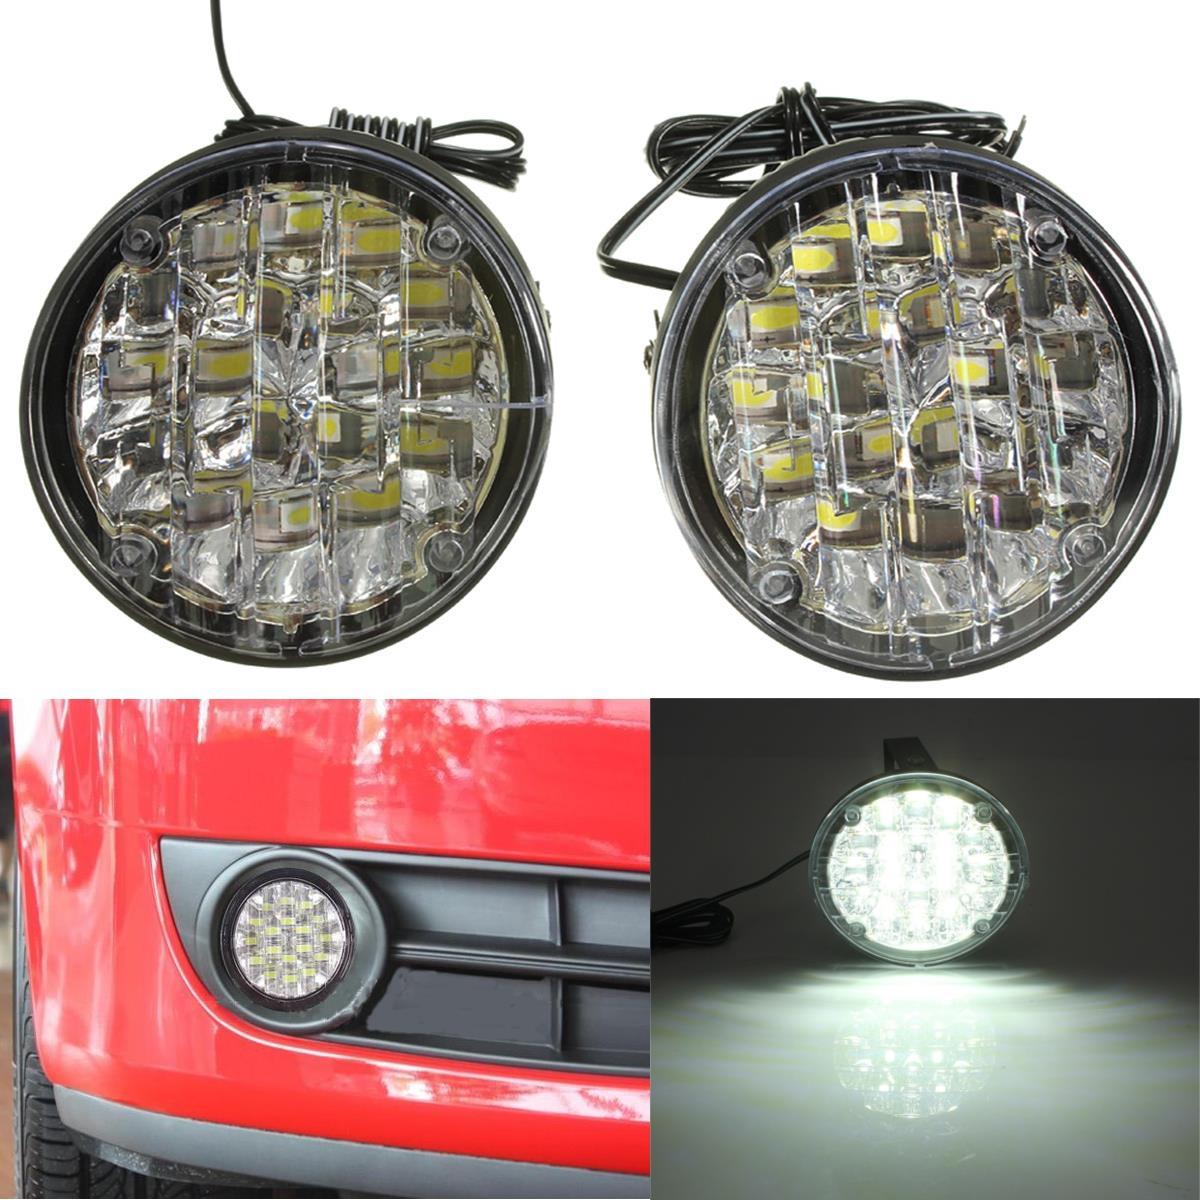 Neue 2 Stücke 12 V 18 LED Runde Auto Driving Tagfahrlicht licht DRL Nebel-lampe Hellweiß Auto LED Offroad Arbeit licht